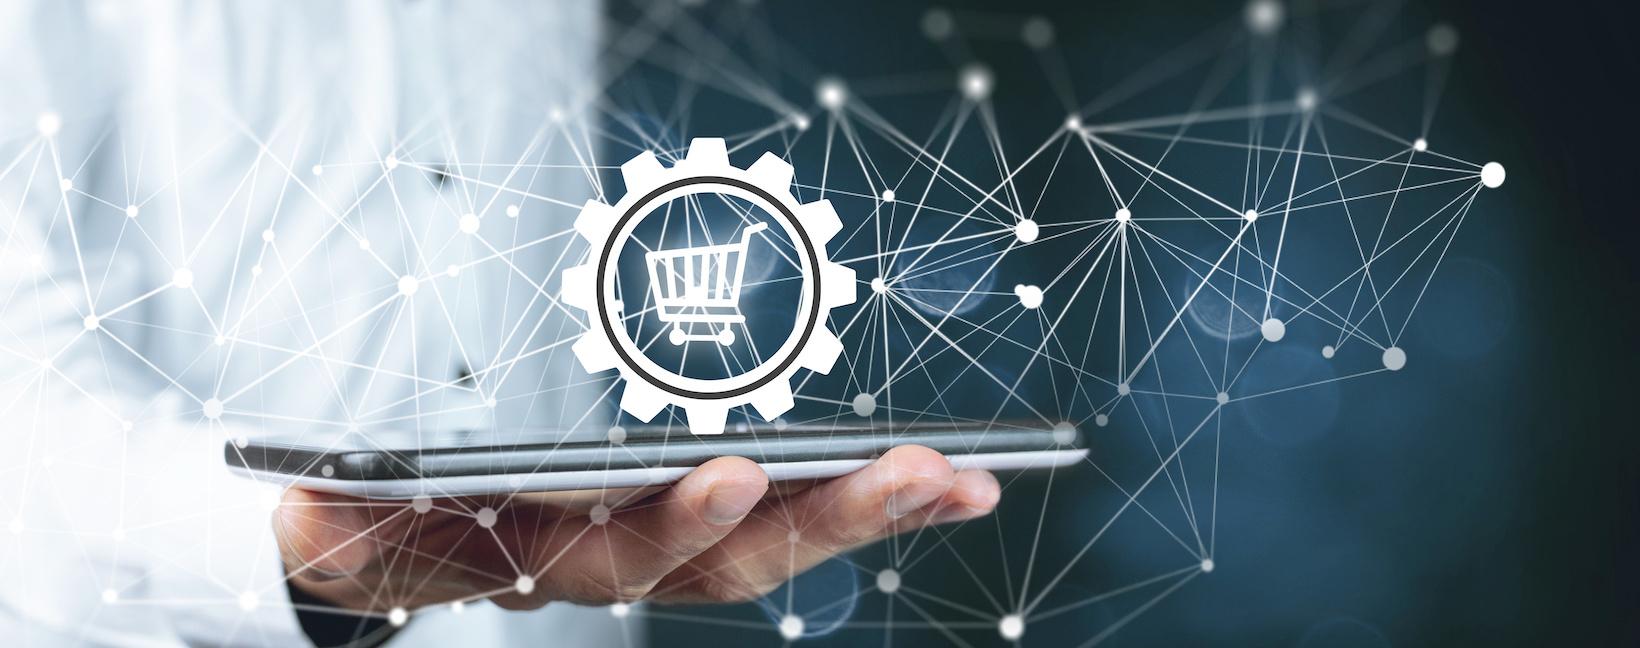 Internationale Einkaufsorganisation und Make or Buy